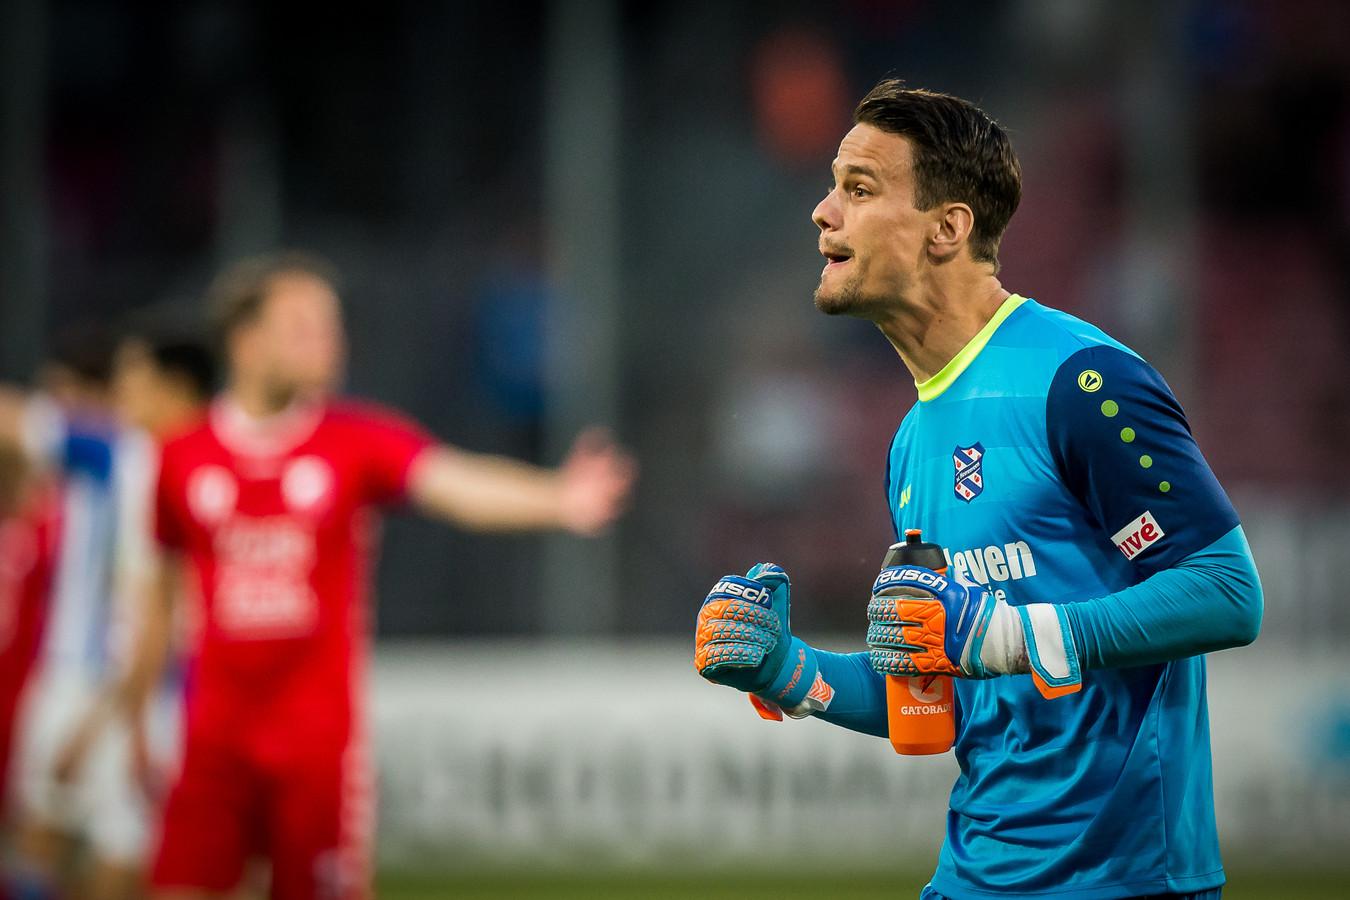 Van der Steen in het shirt van Heerenveen